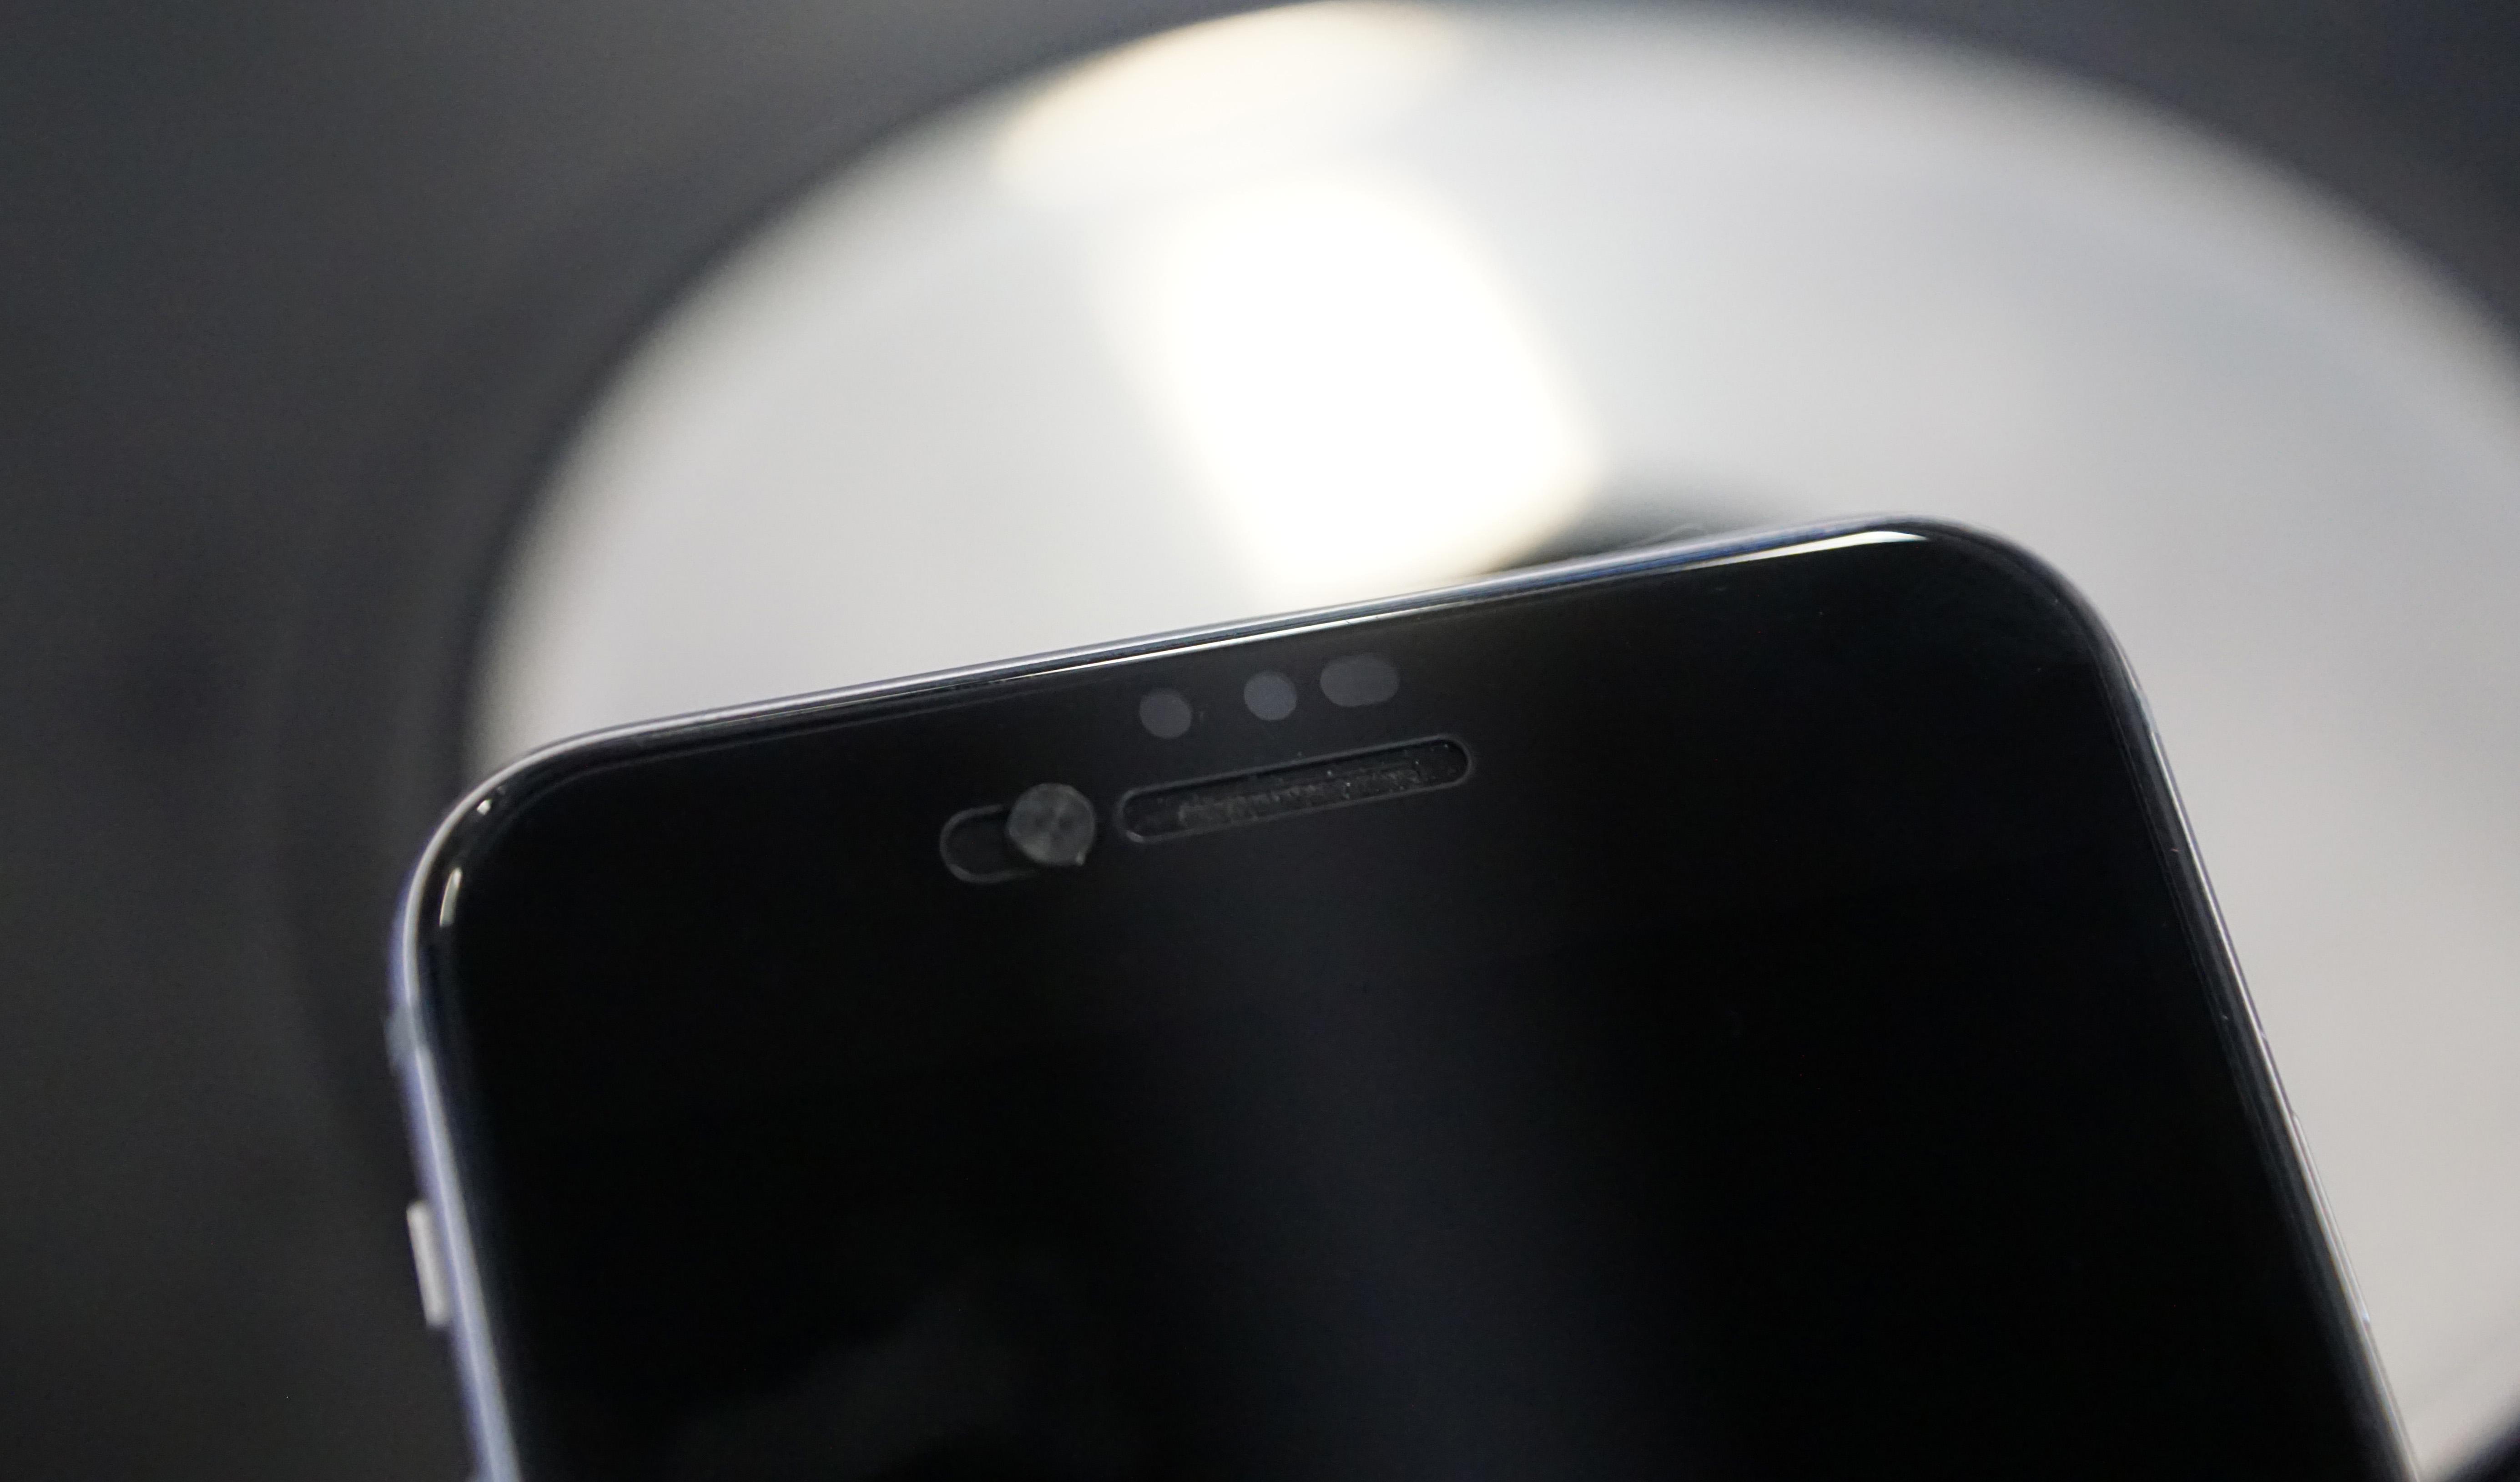 Obrázek: Chytré sklo ke smartphonu chrání před čumily a umí zakrýt přední čočku fotoaparátu